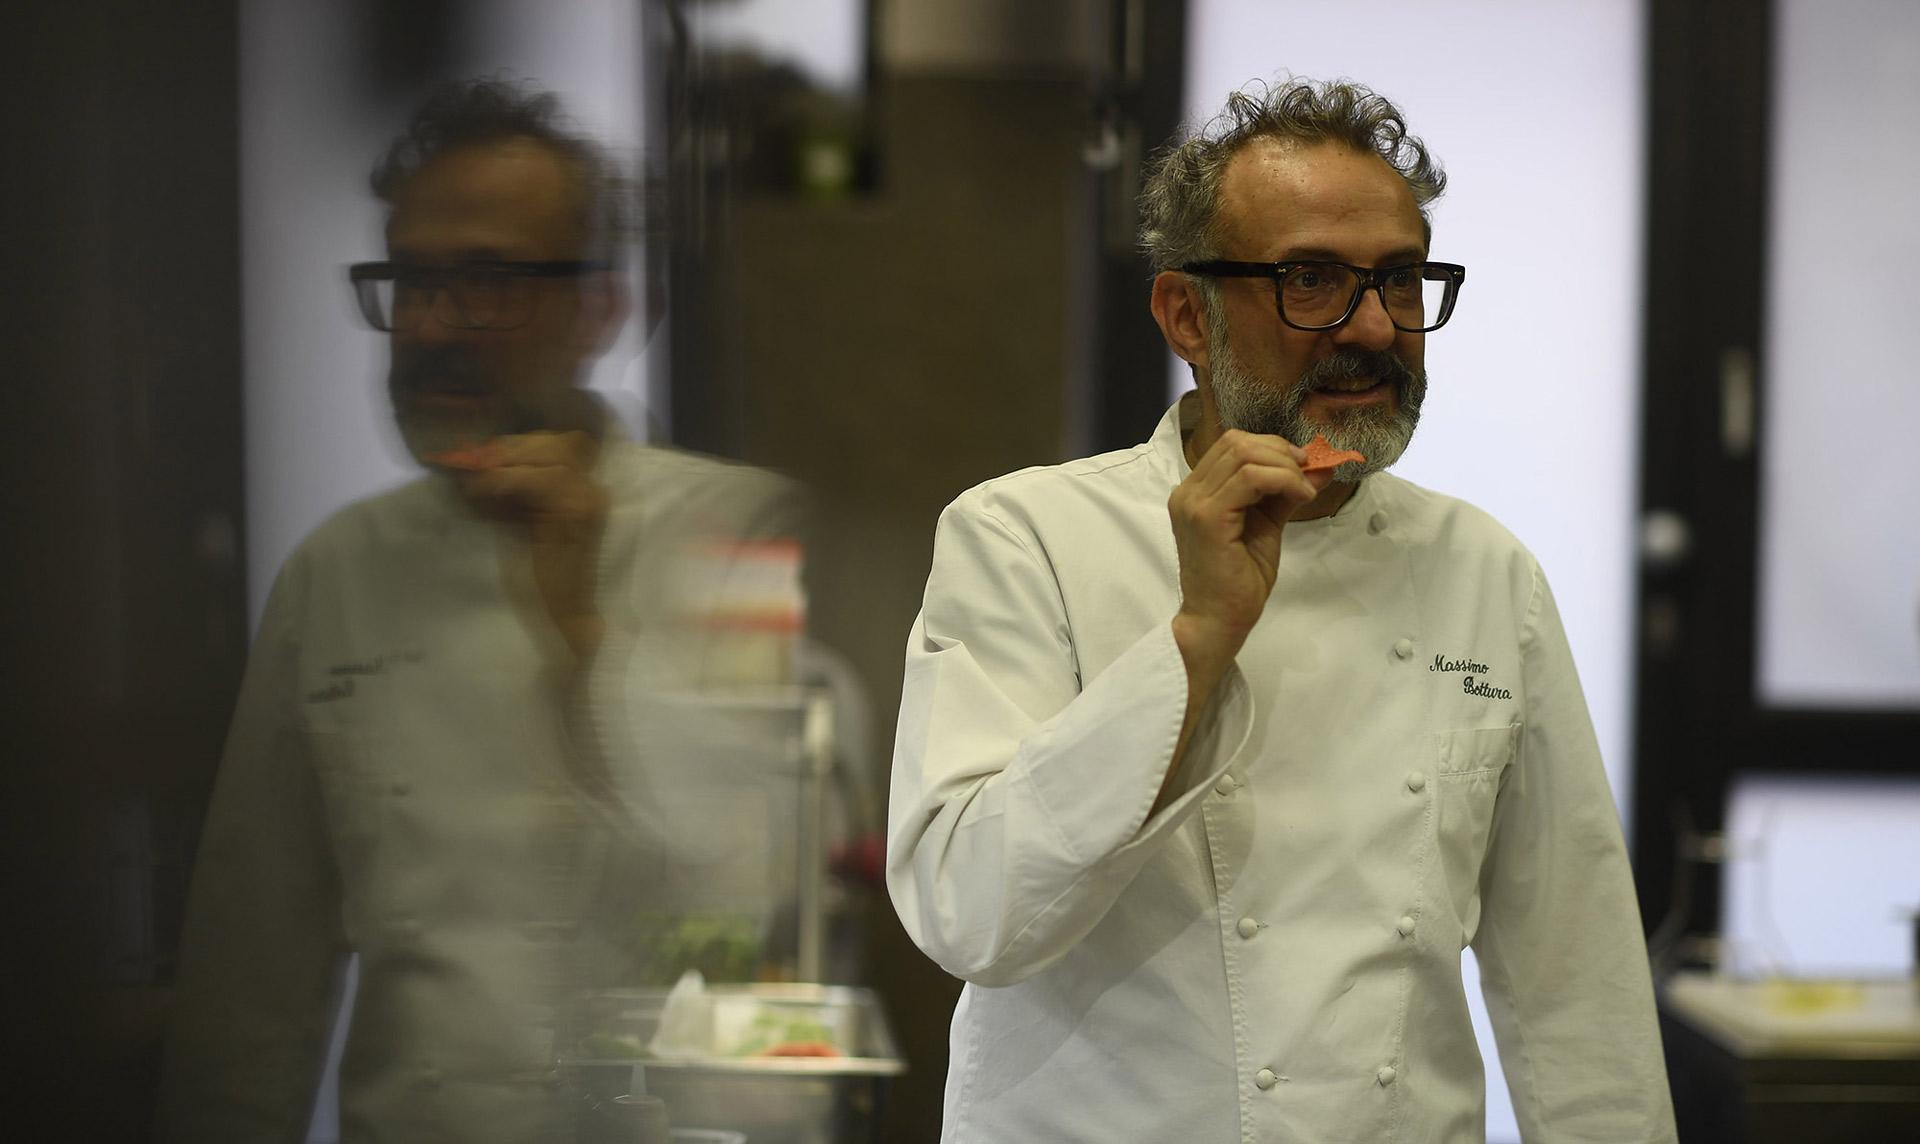 Osteria Francescana - Massimo Bottura - Modena, Italy